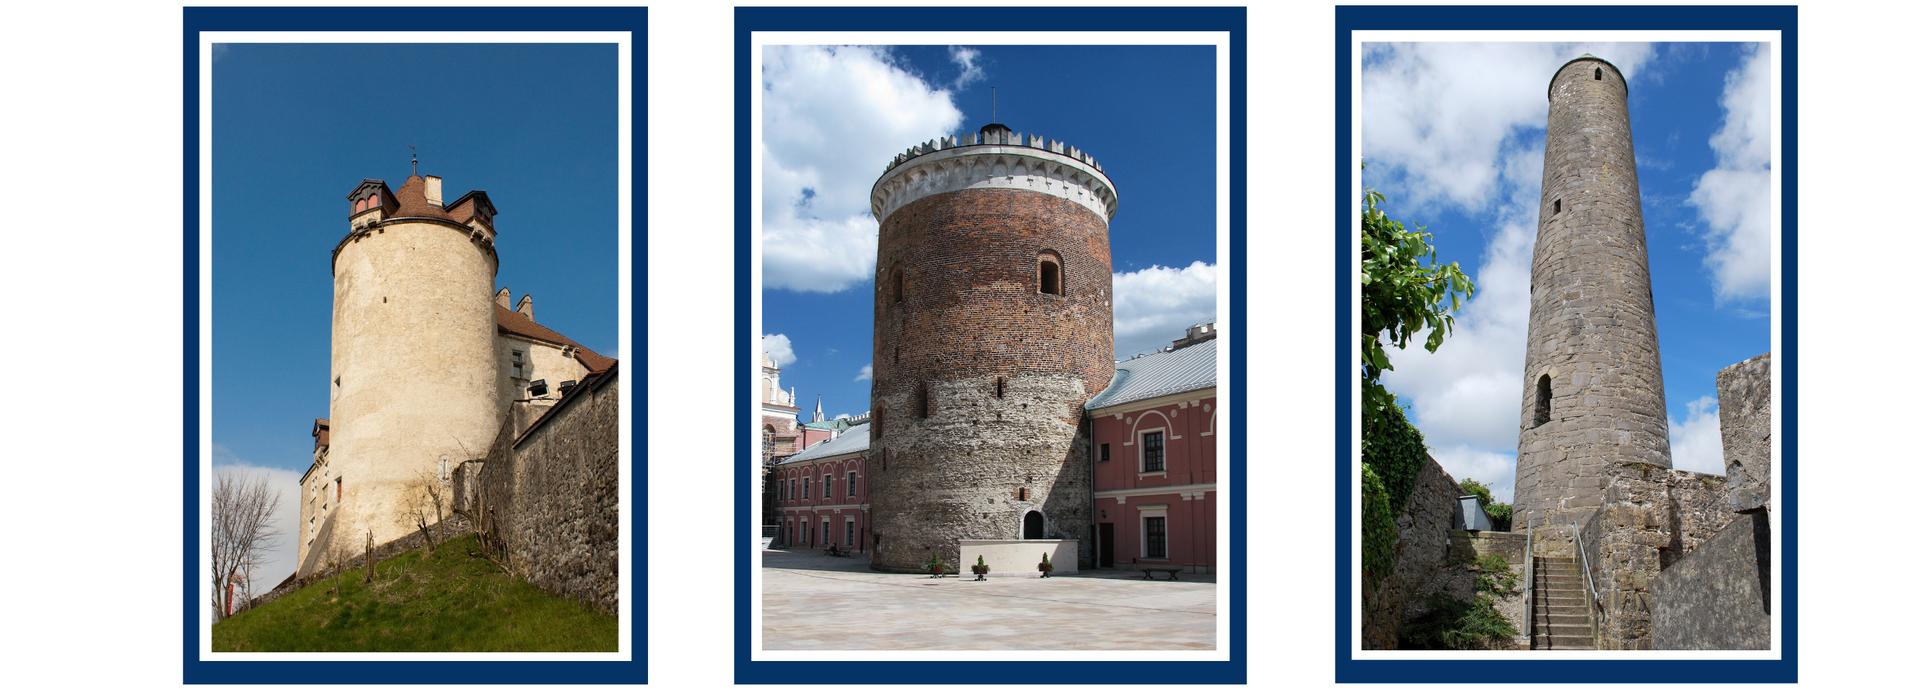 Zdjęcia trzech różnych budowli wkształcie okrągłej wieży.